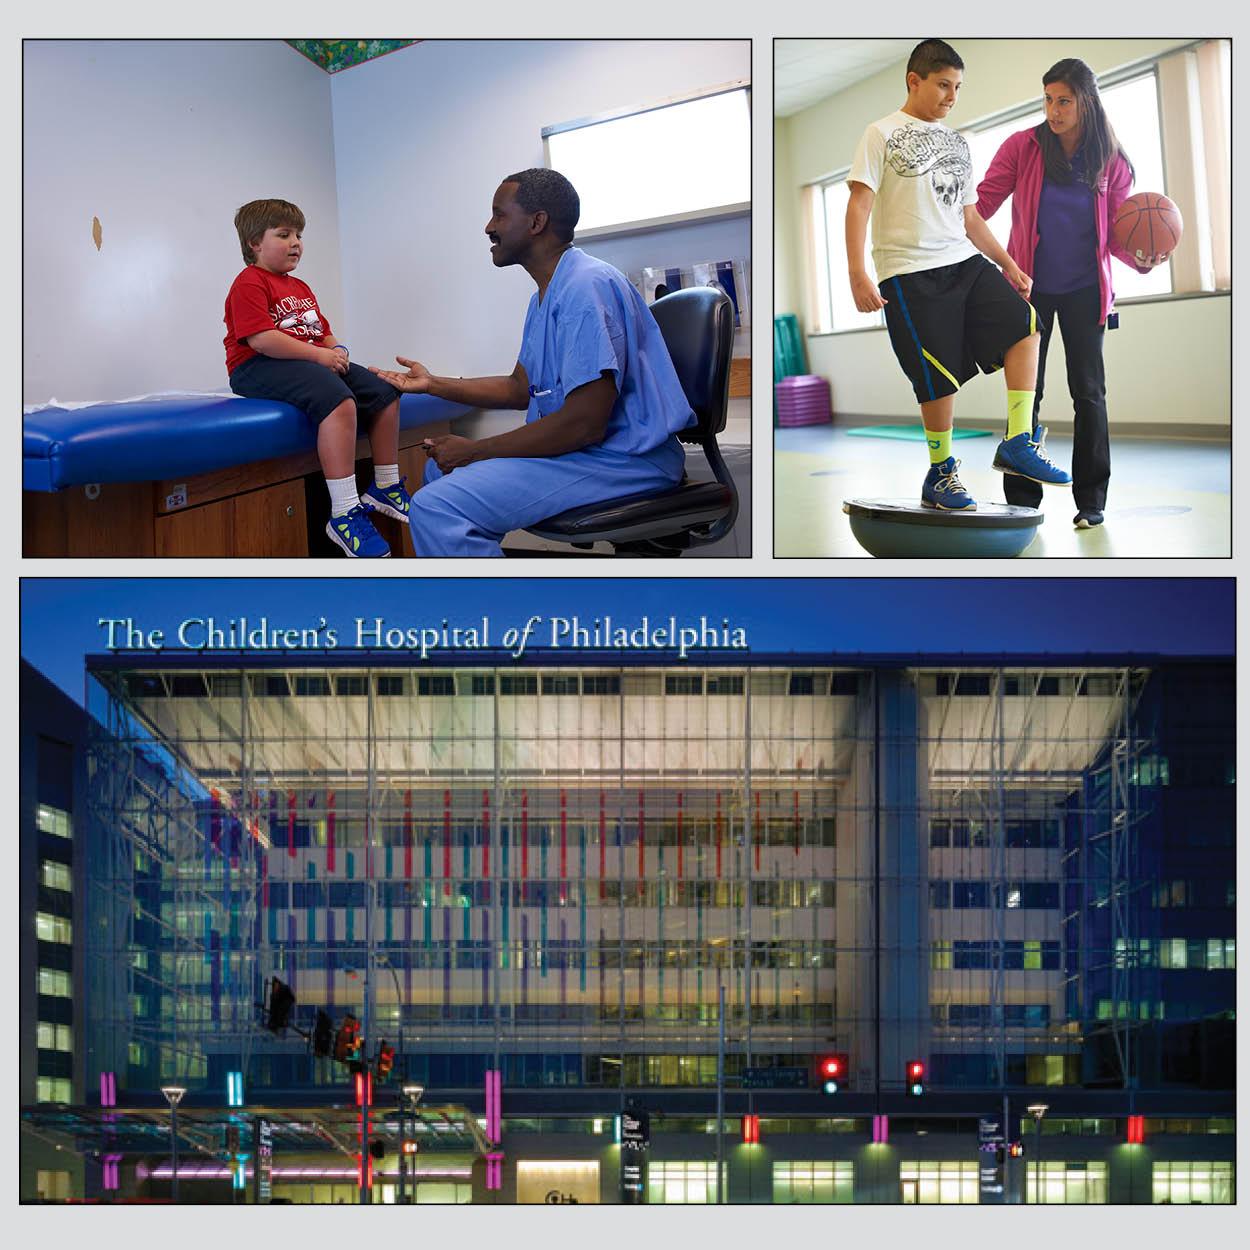 childrens-hospital-philadelphia